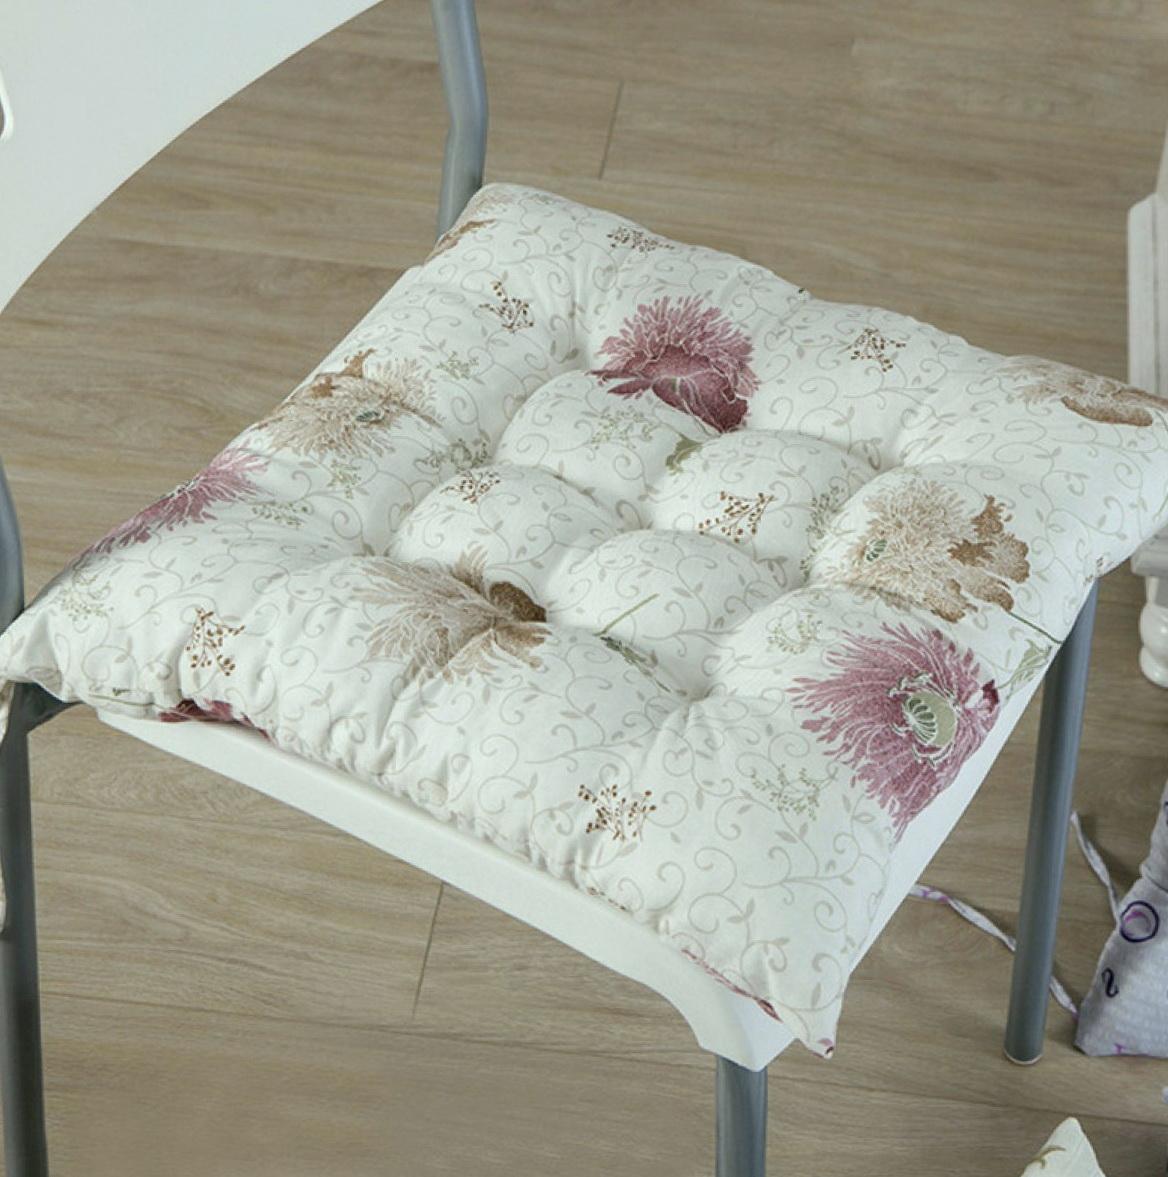 best office chair for hemorrhoids folding mattress cushions home design ideas